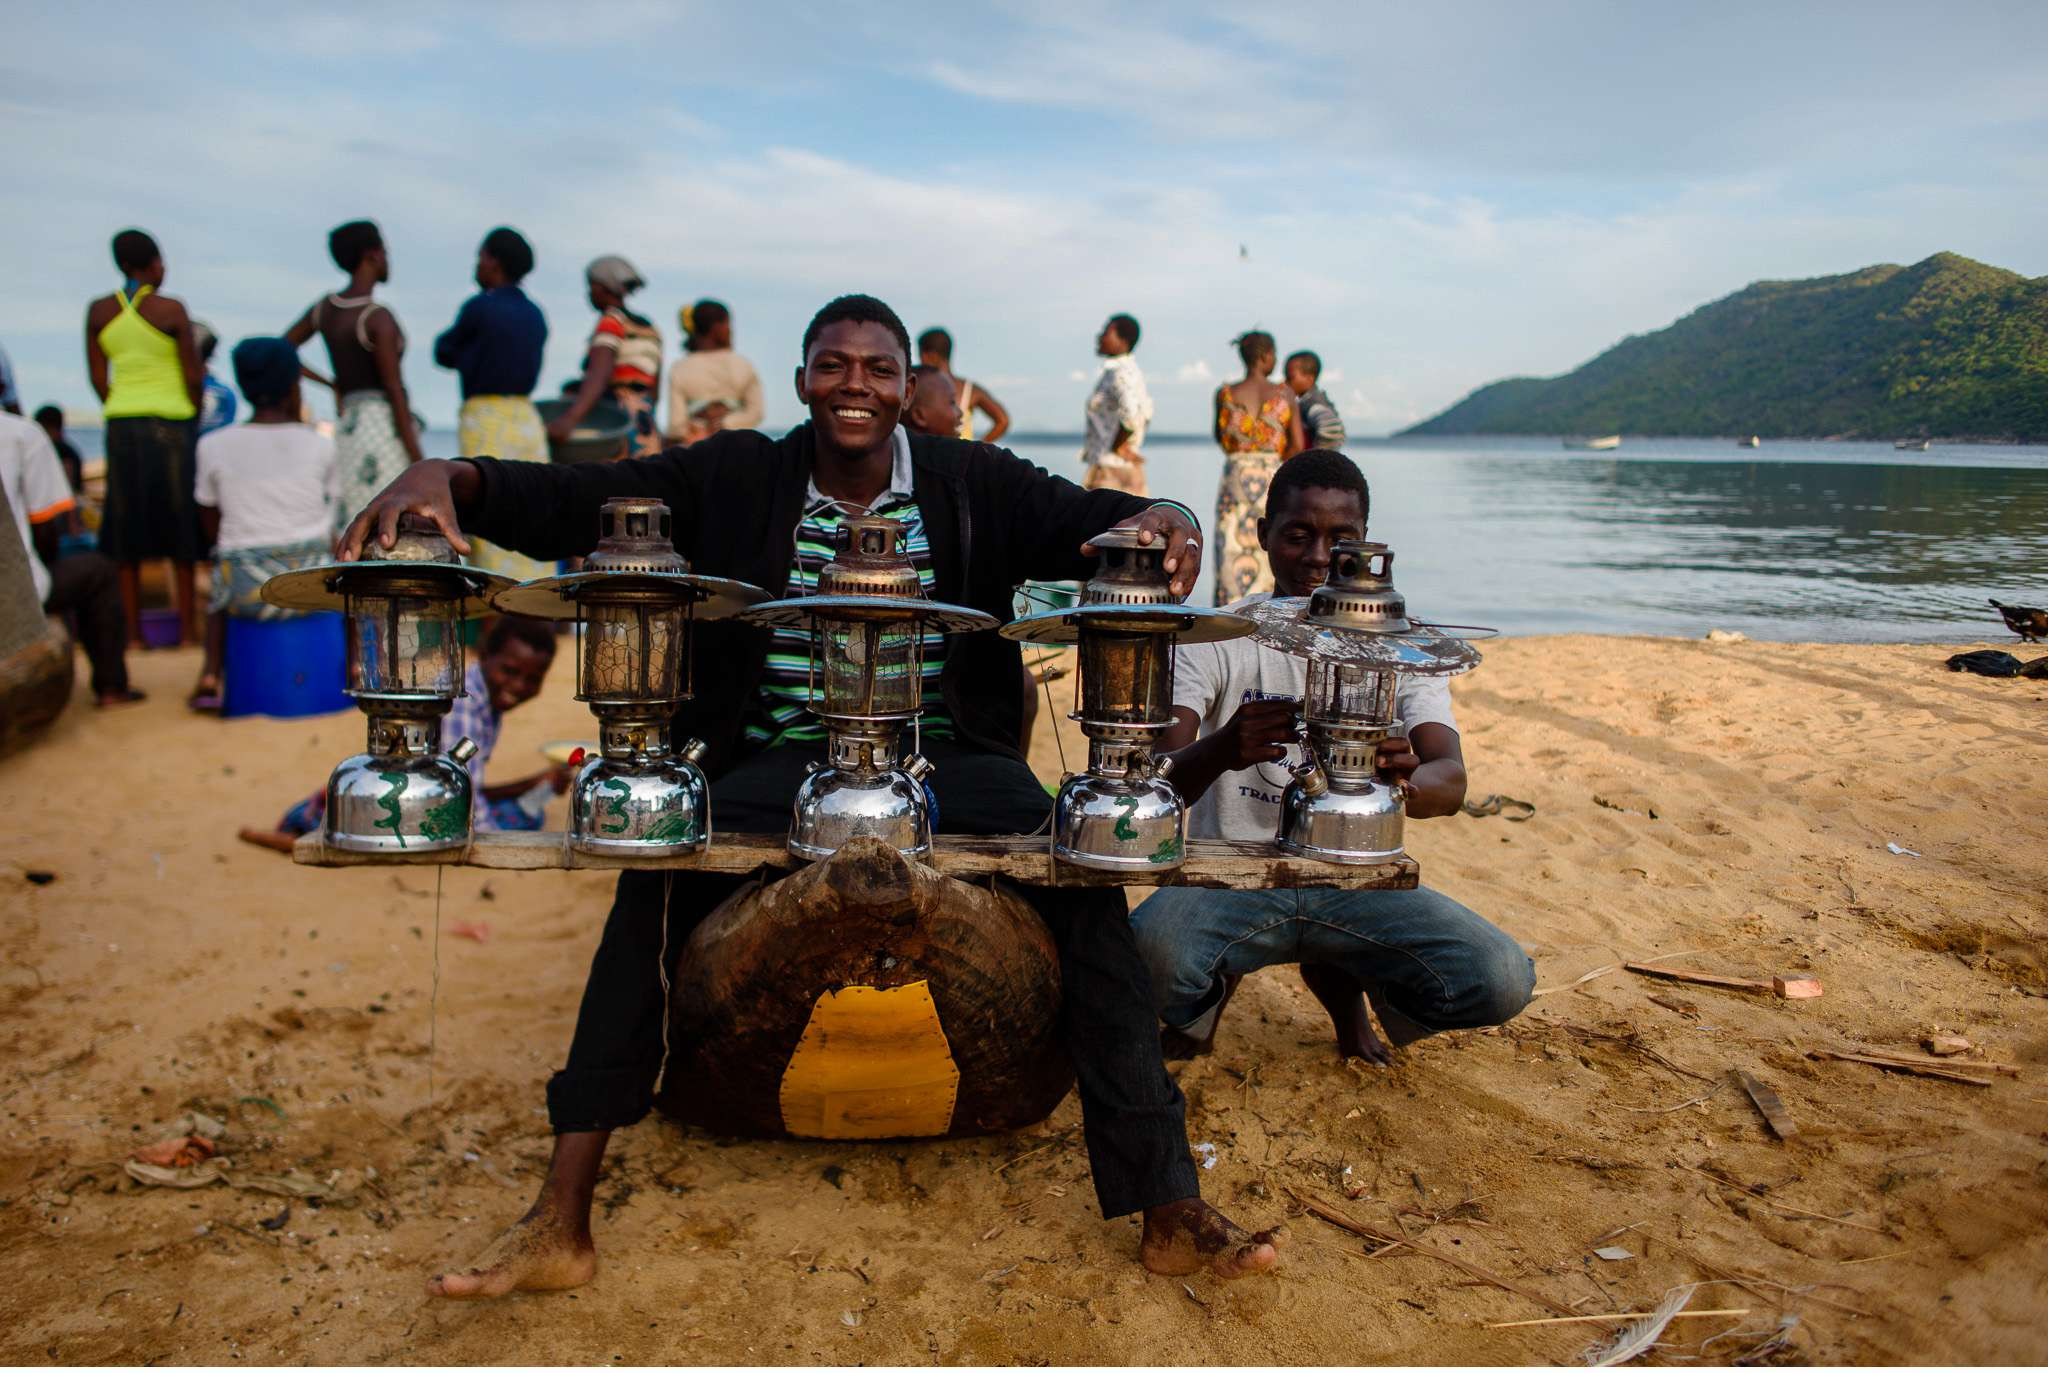 Malawi-Quer durch Afrika- Geschichten von unterwegs by Marion and Daniel-57